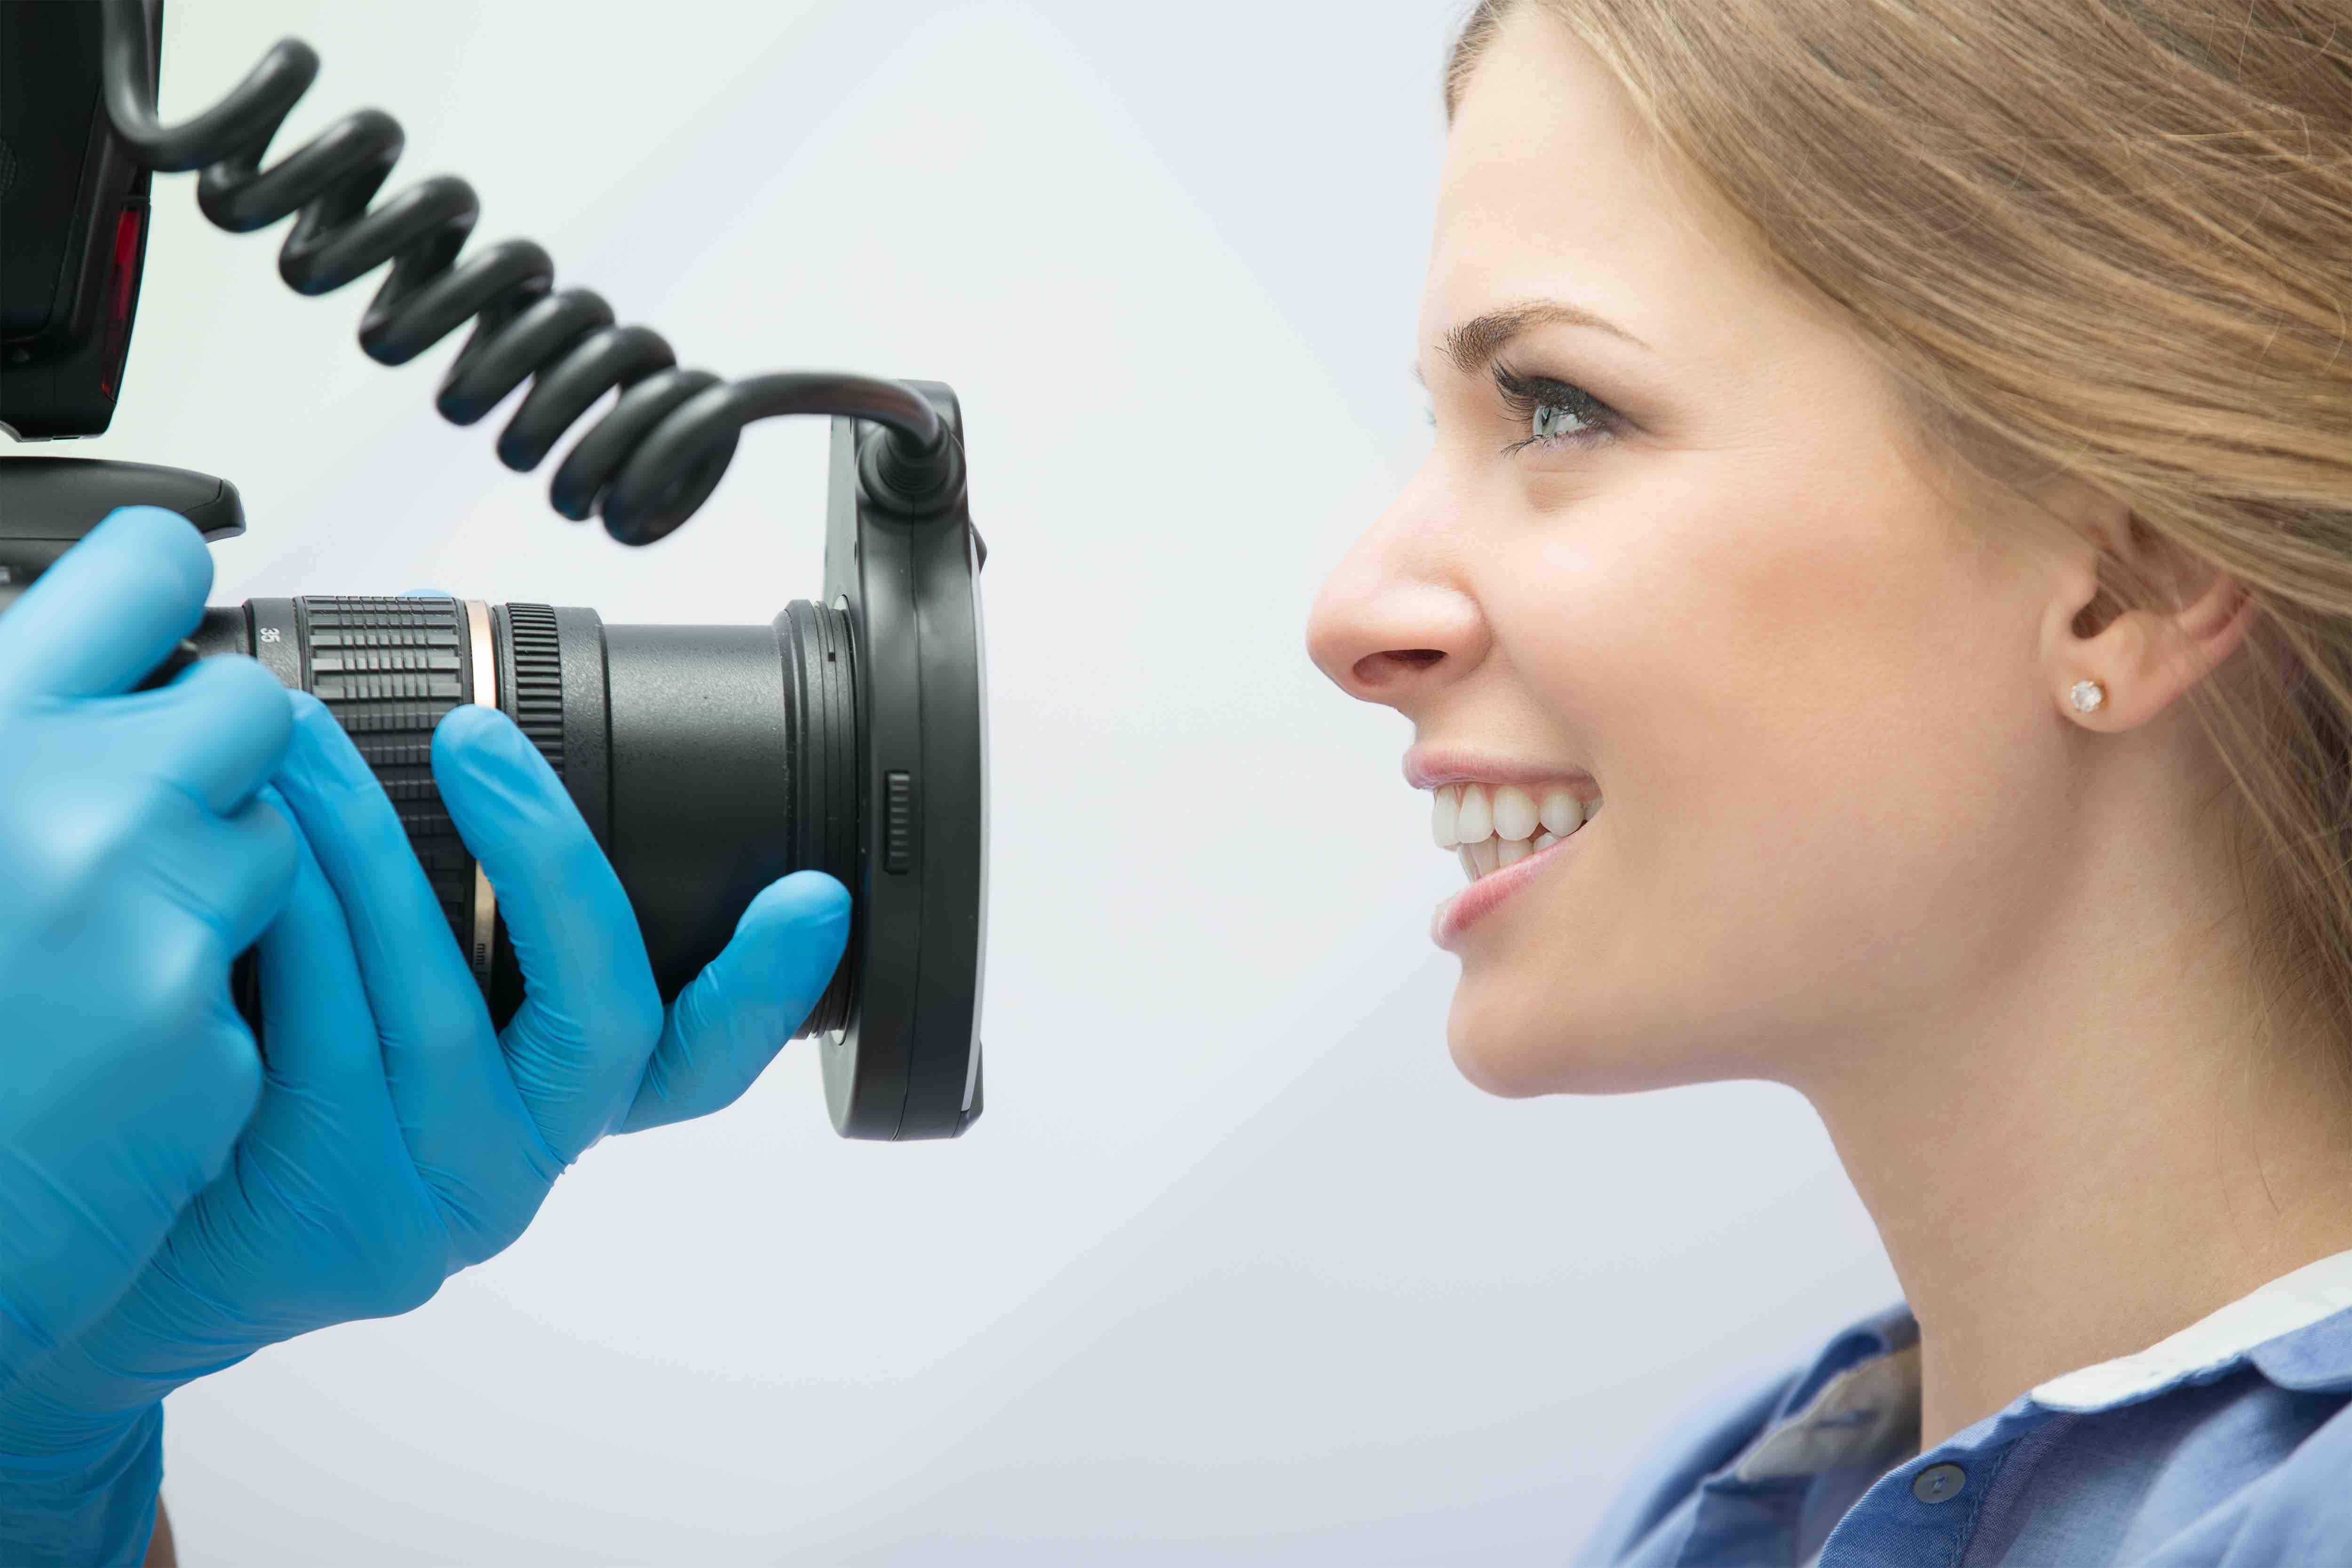 本物の歯にそっくりな差し歯を作りたいとき知っておきたいセラミック治療のこと